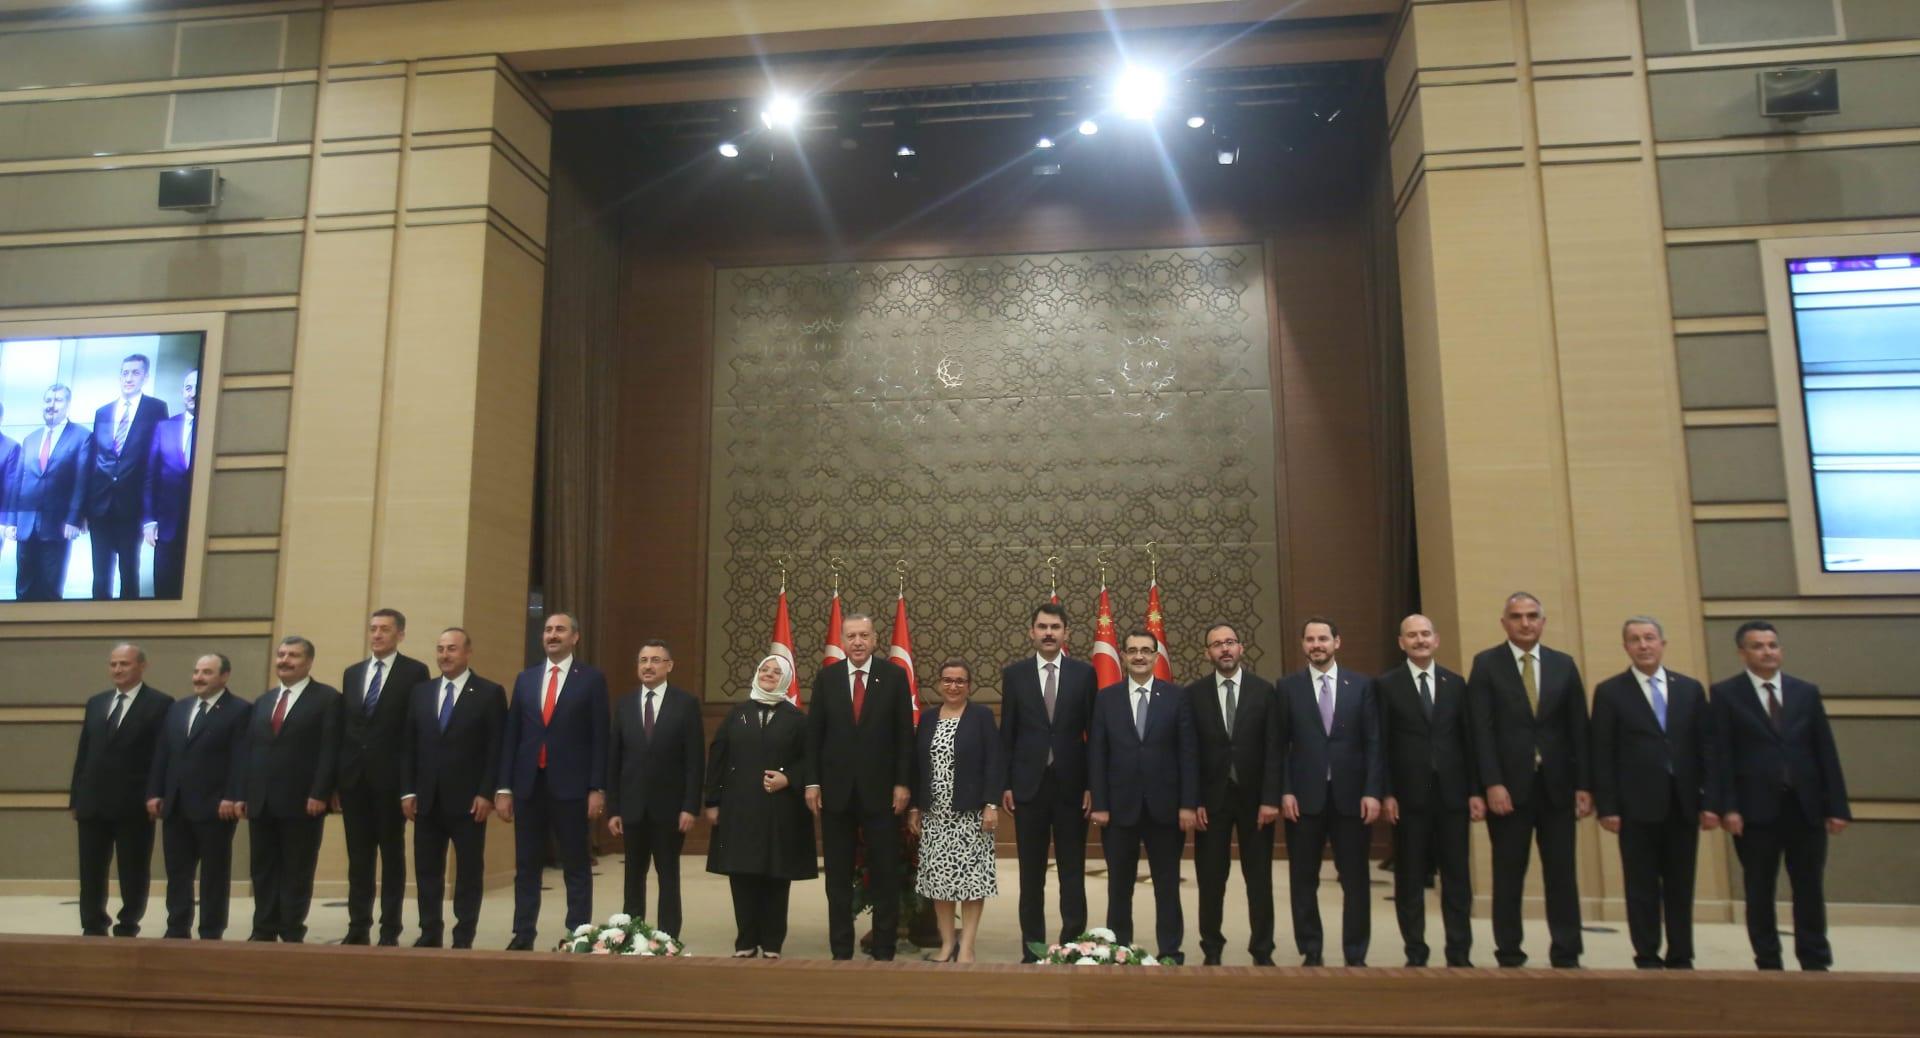 إردوغان يعلن عن الحكومة الجديدة ويعين صهره وزيرا للمالية